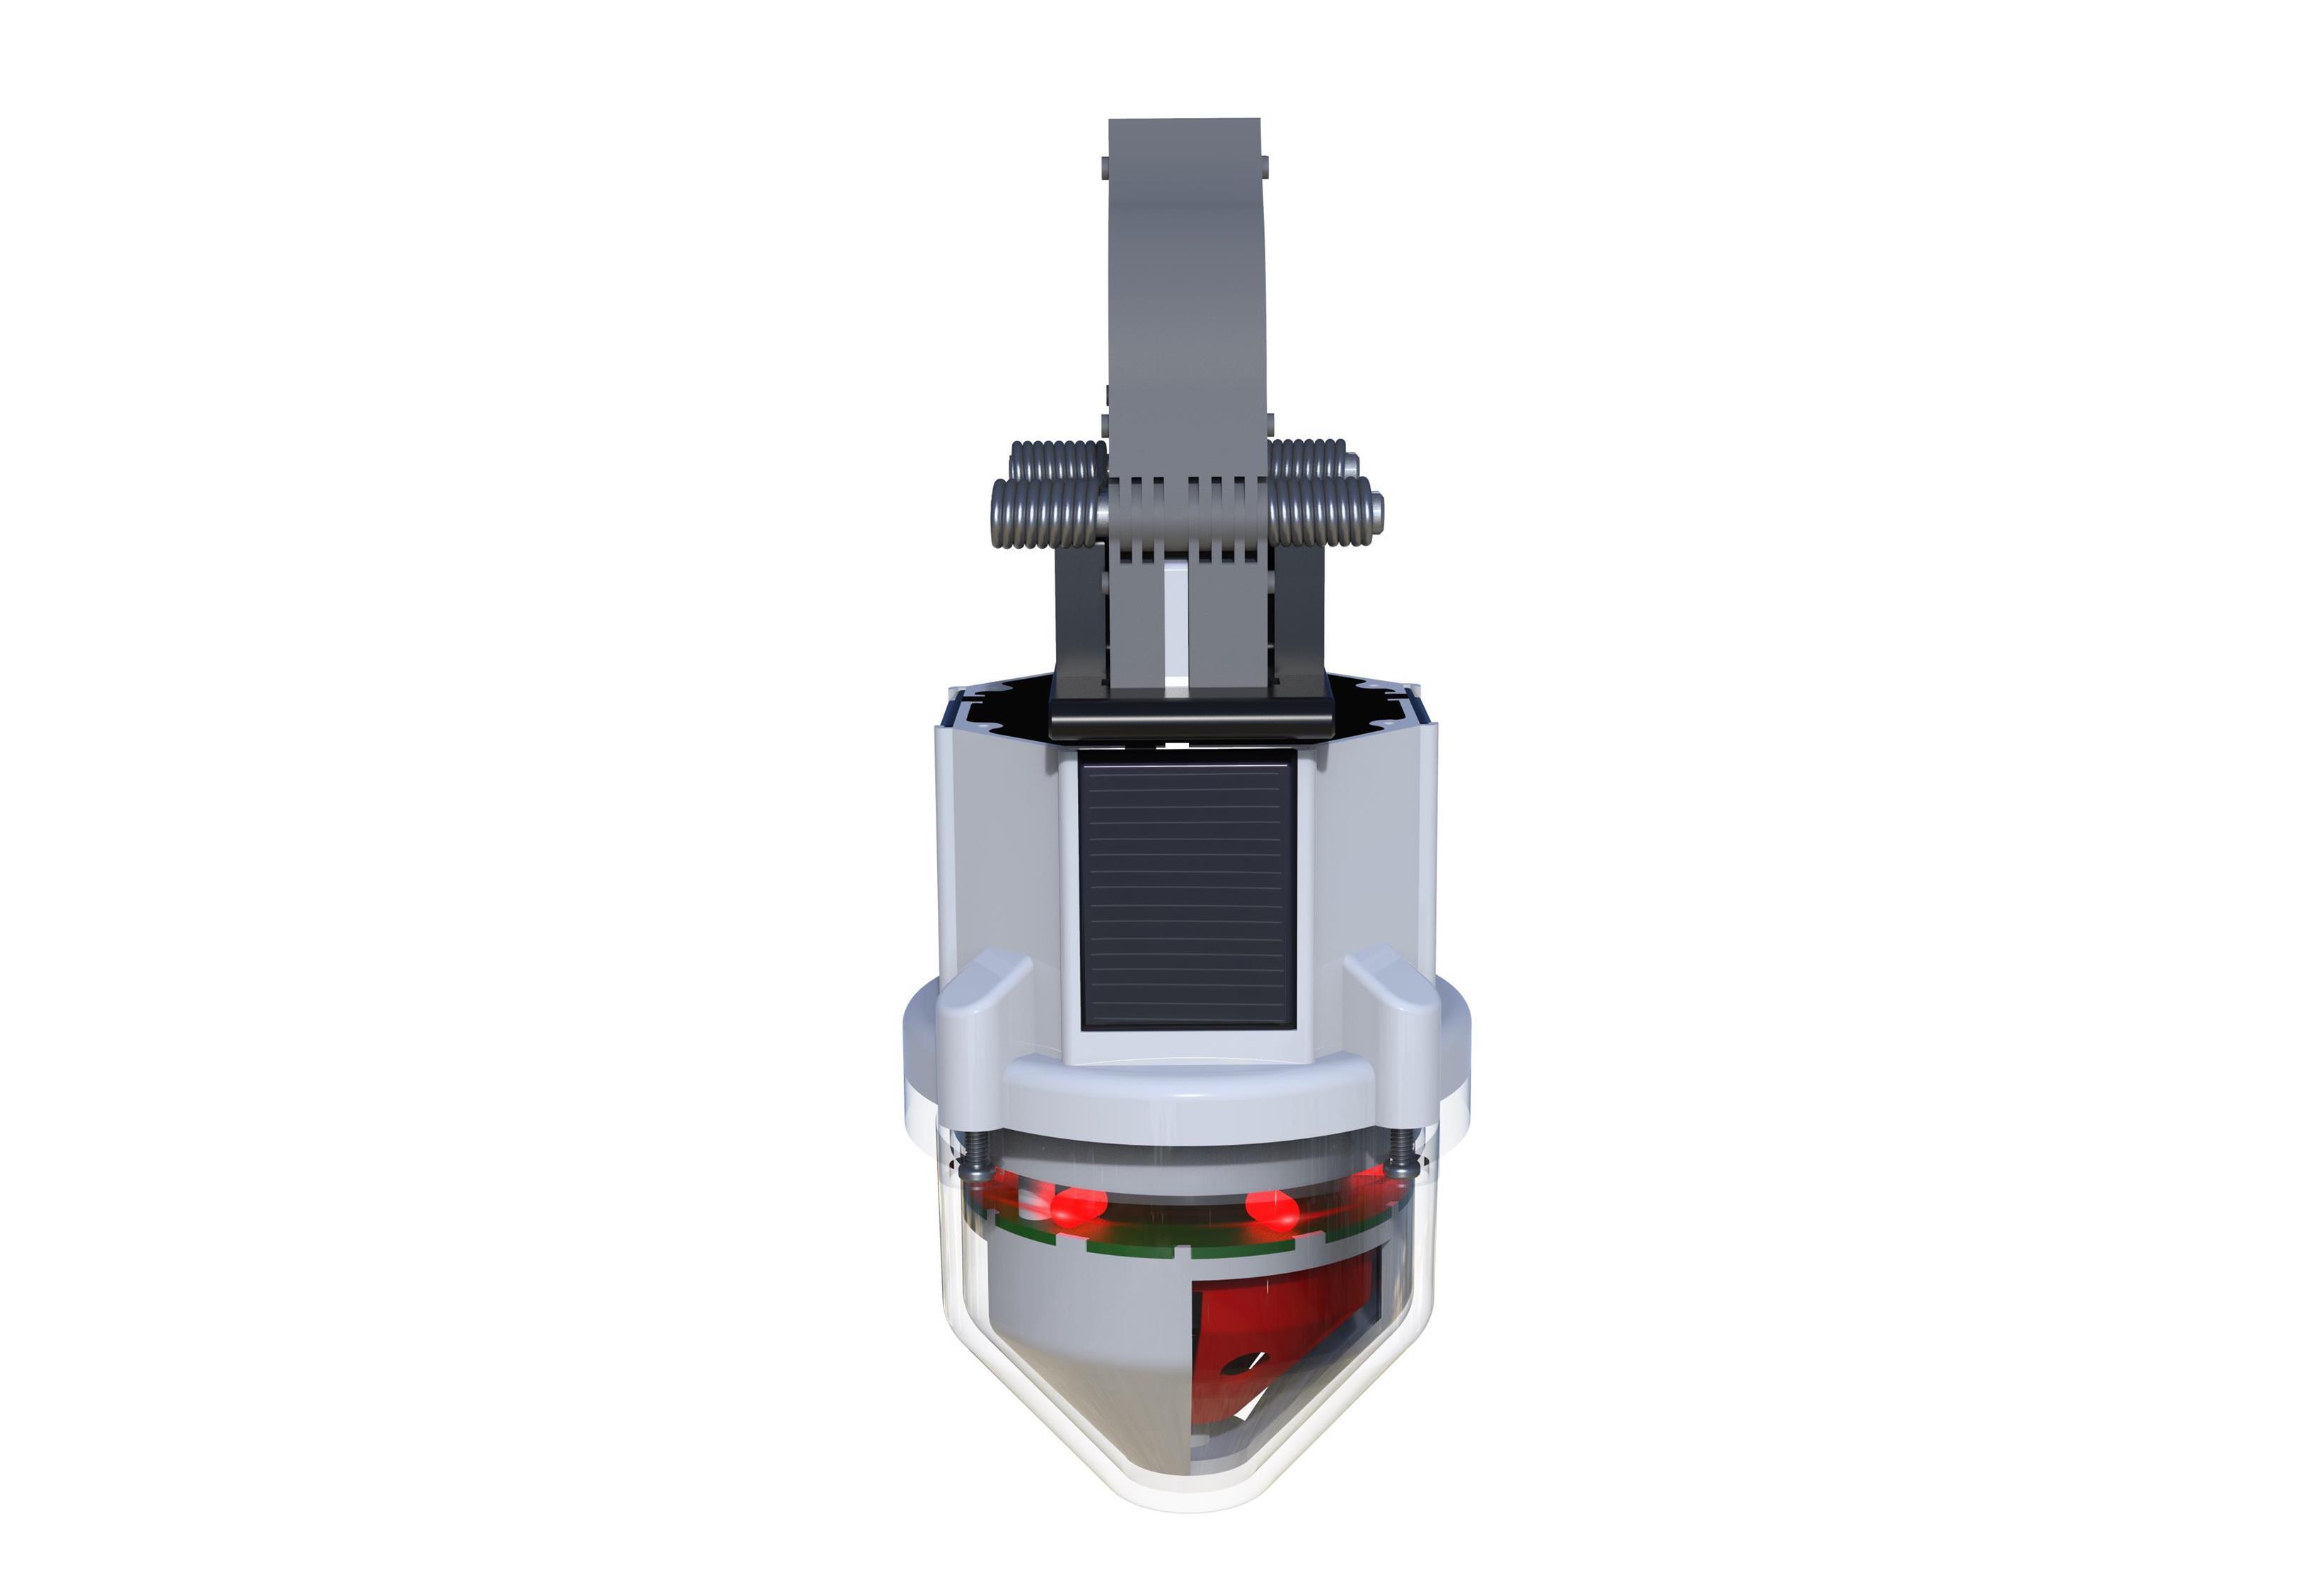 廊坊线路故障指�示器生产厂家_珠海�哪里有供应优良的架空型线路故障指示器